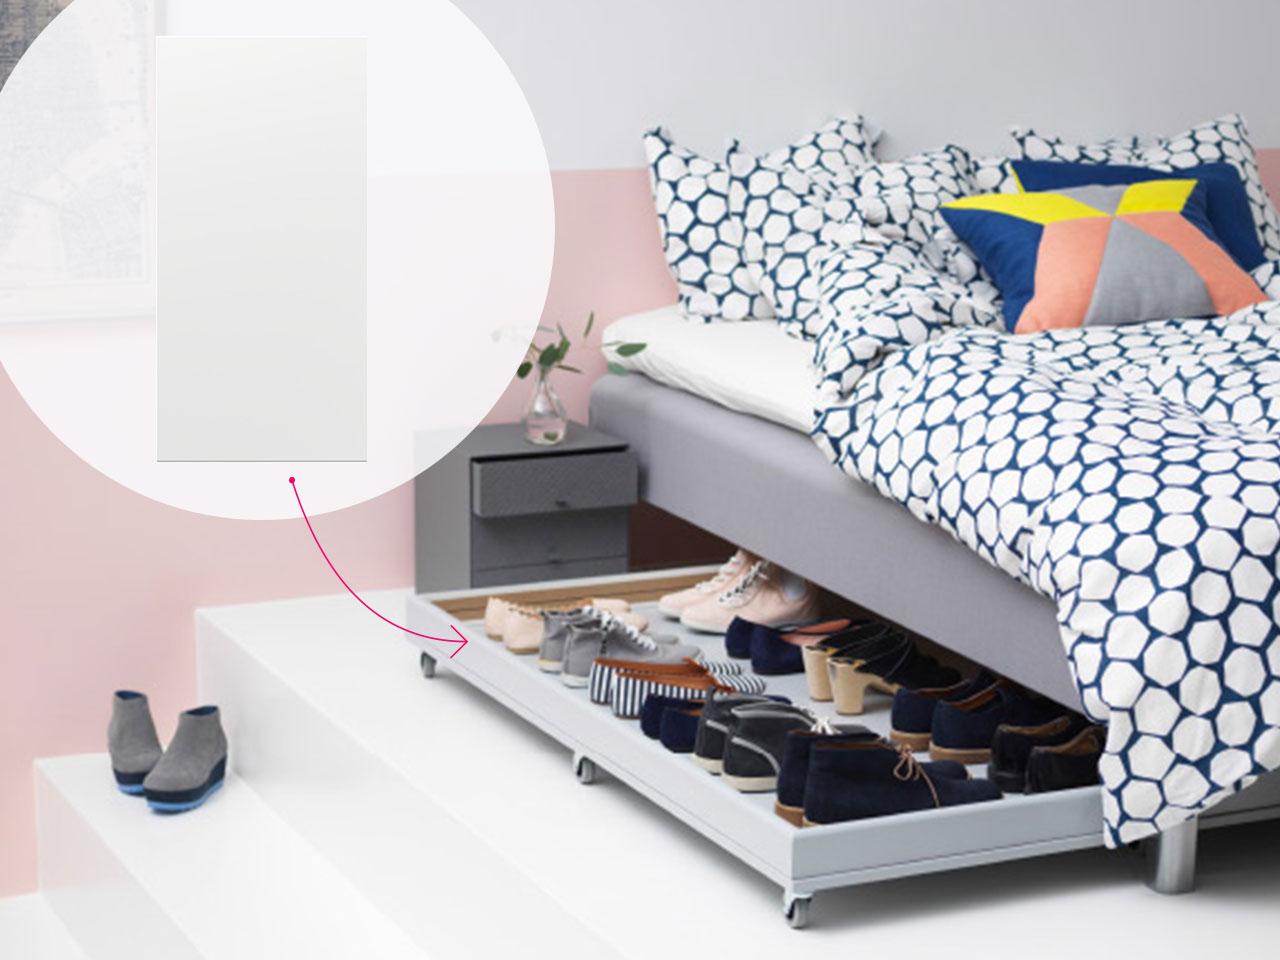 30 of the best diy ikea hacks ever chatelaine. Black Bedroom Furniture Sets. Home Design Ideas